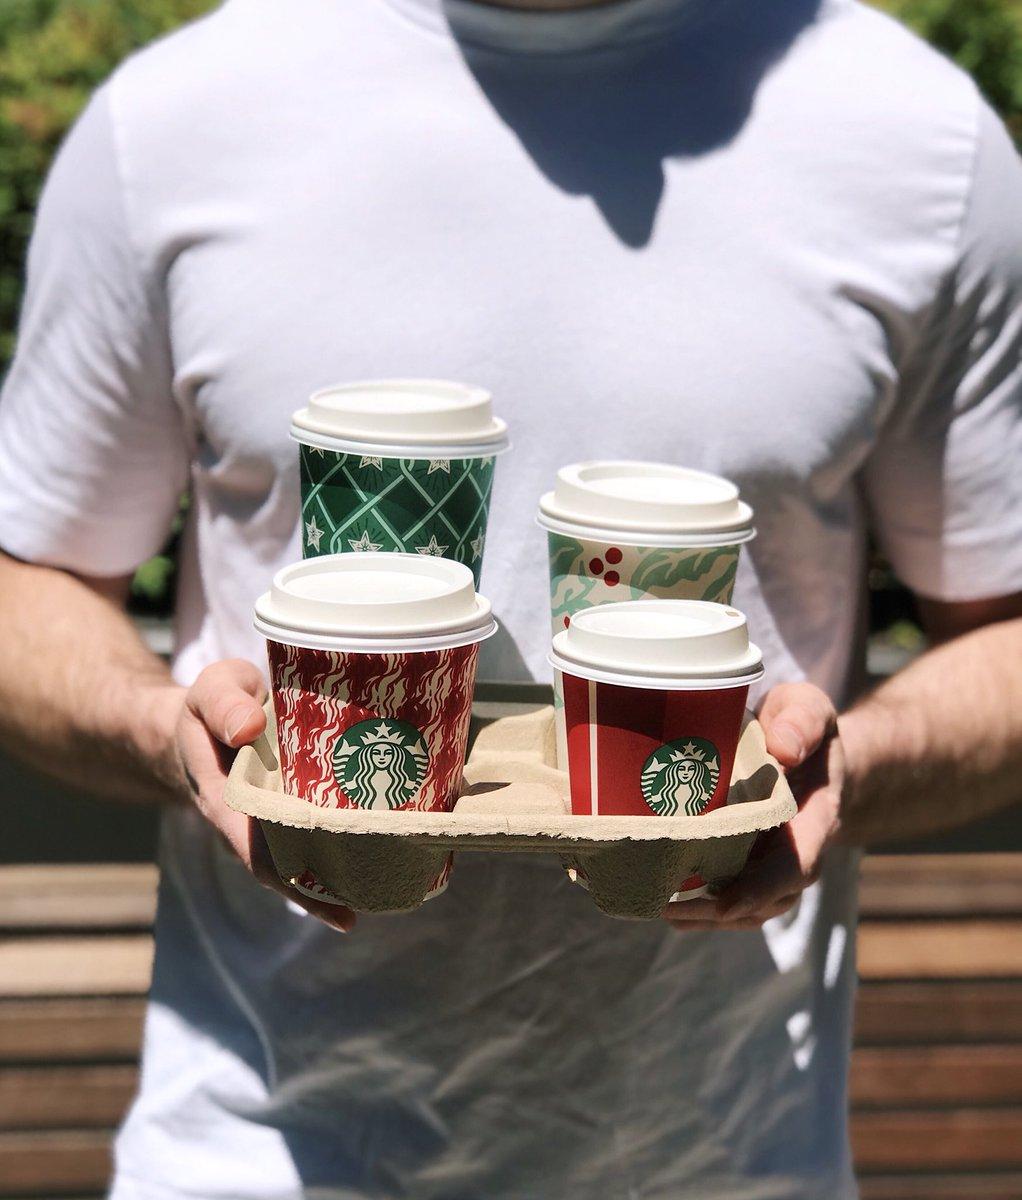 Starbucks Australia On Twitter Holiday Spirit In All Sizes